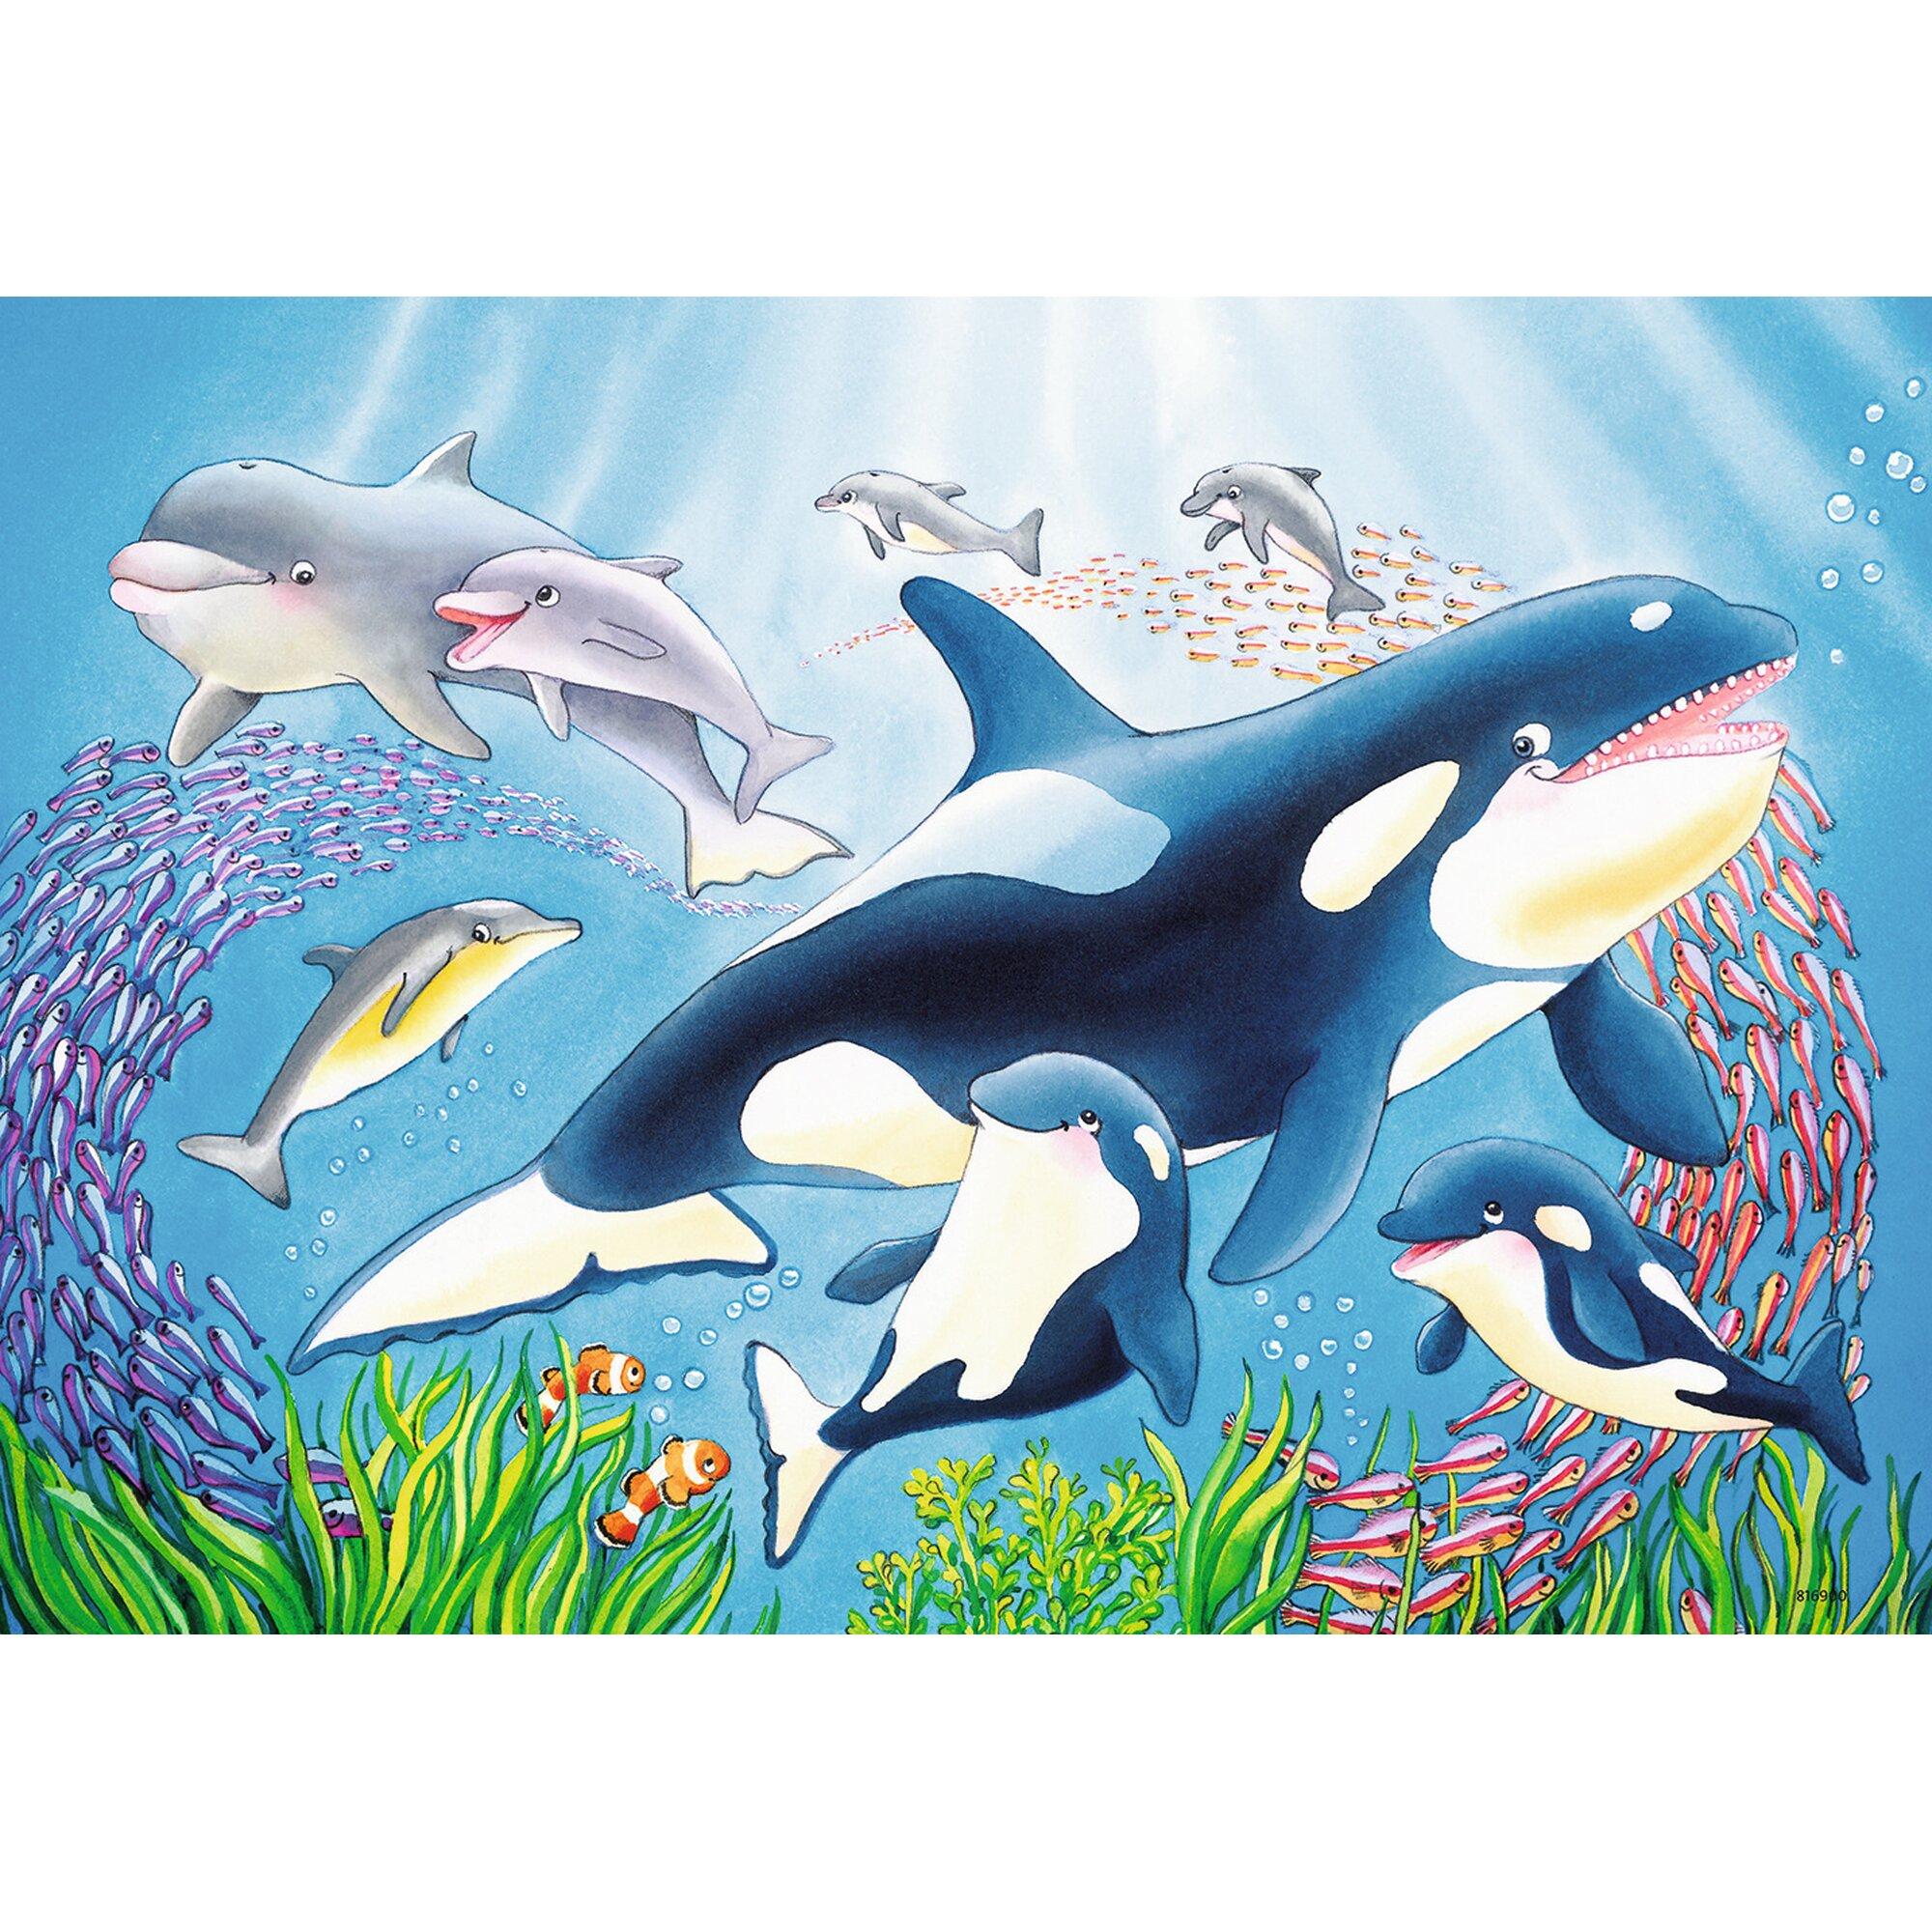 ravensburger-zwei-kinderpuzzles-inkl-mini-postern-kunterbunte-unterwasserwelt